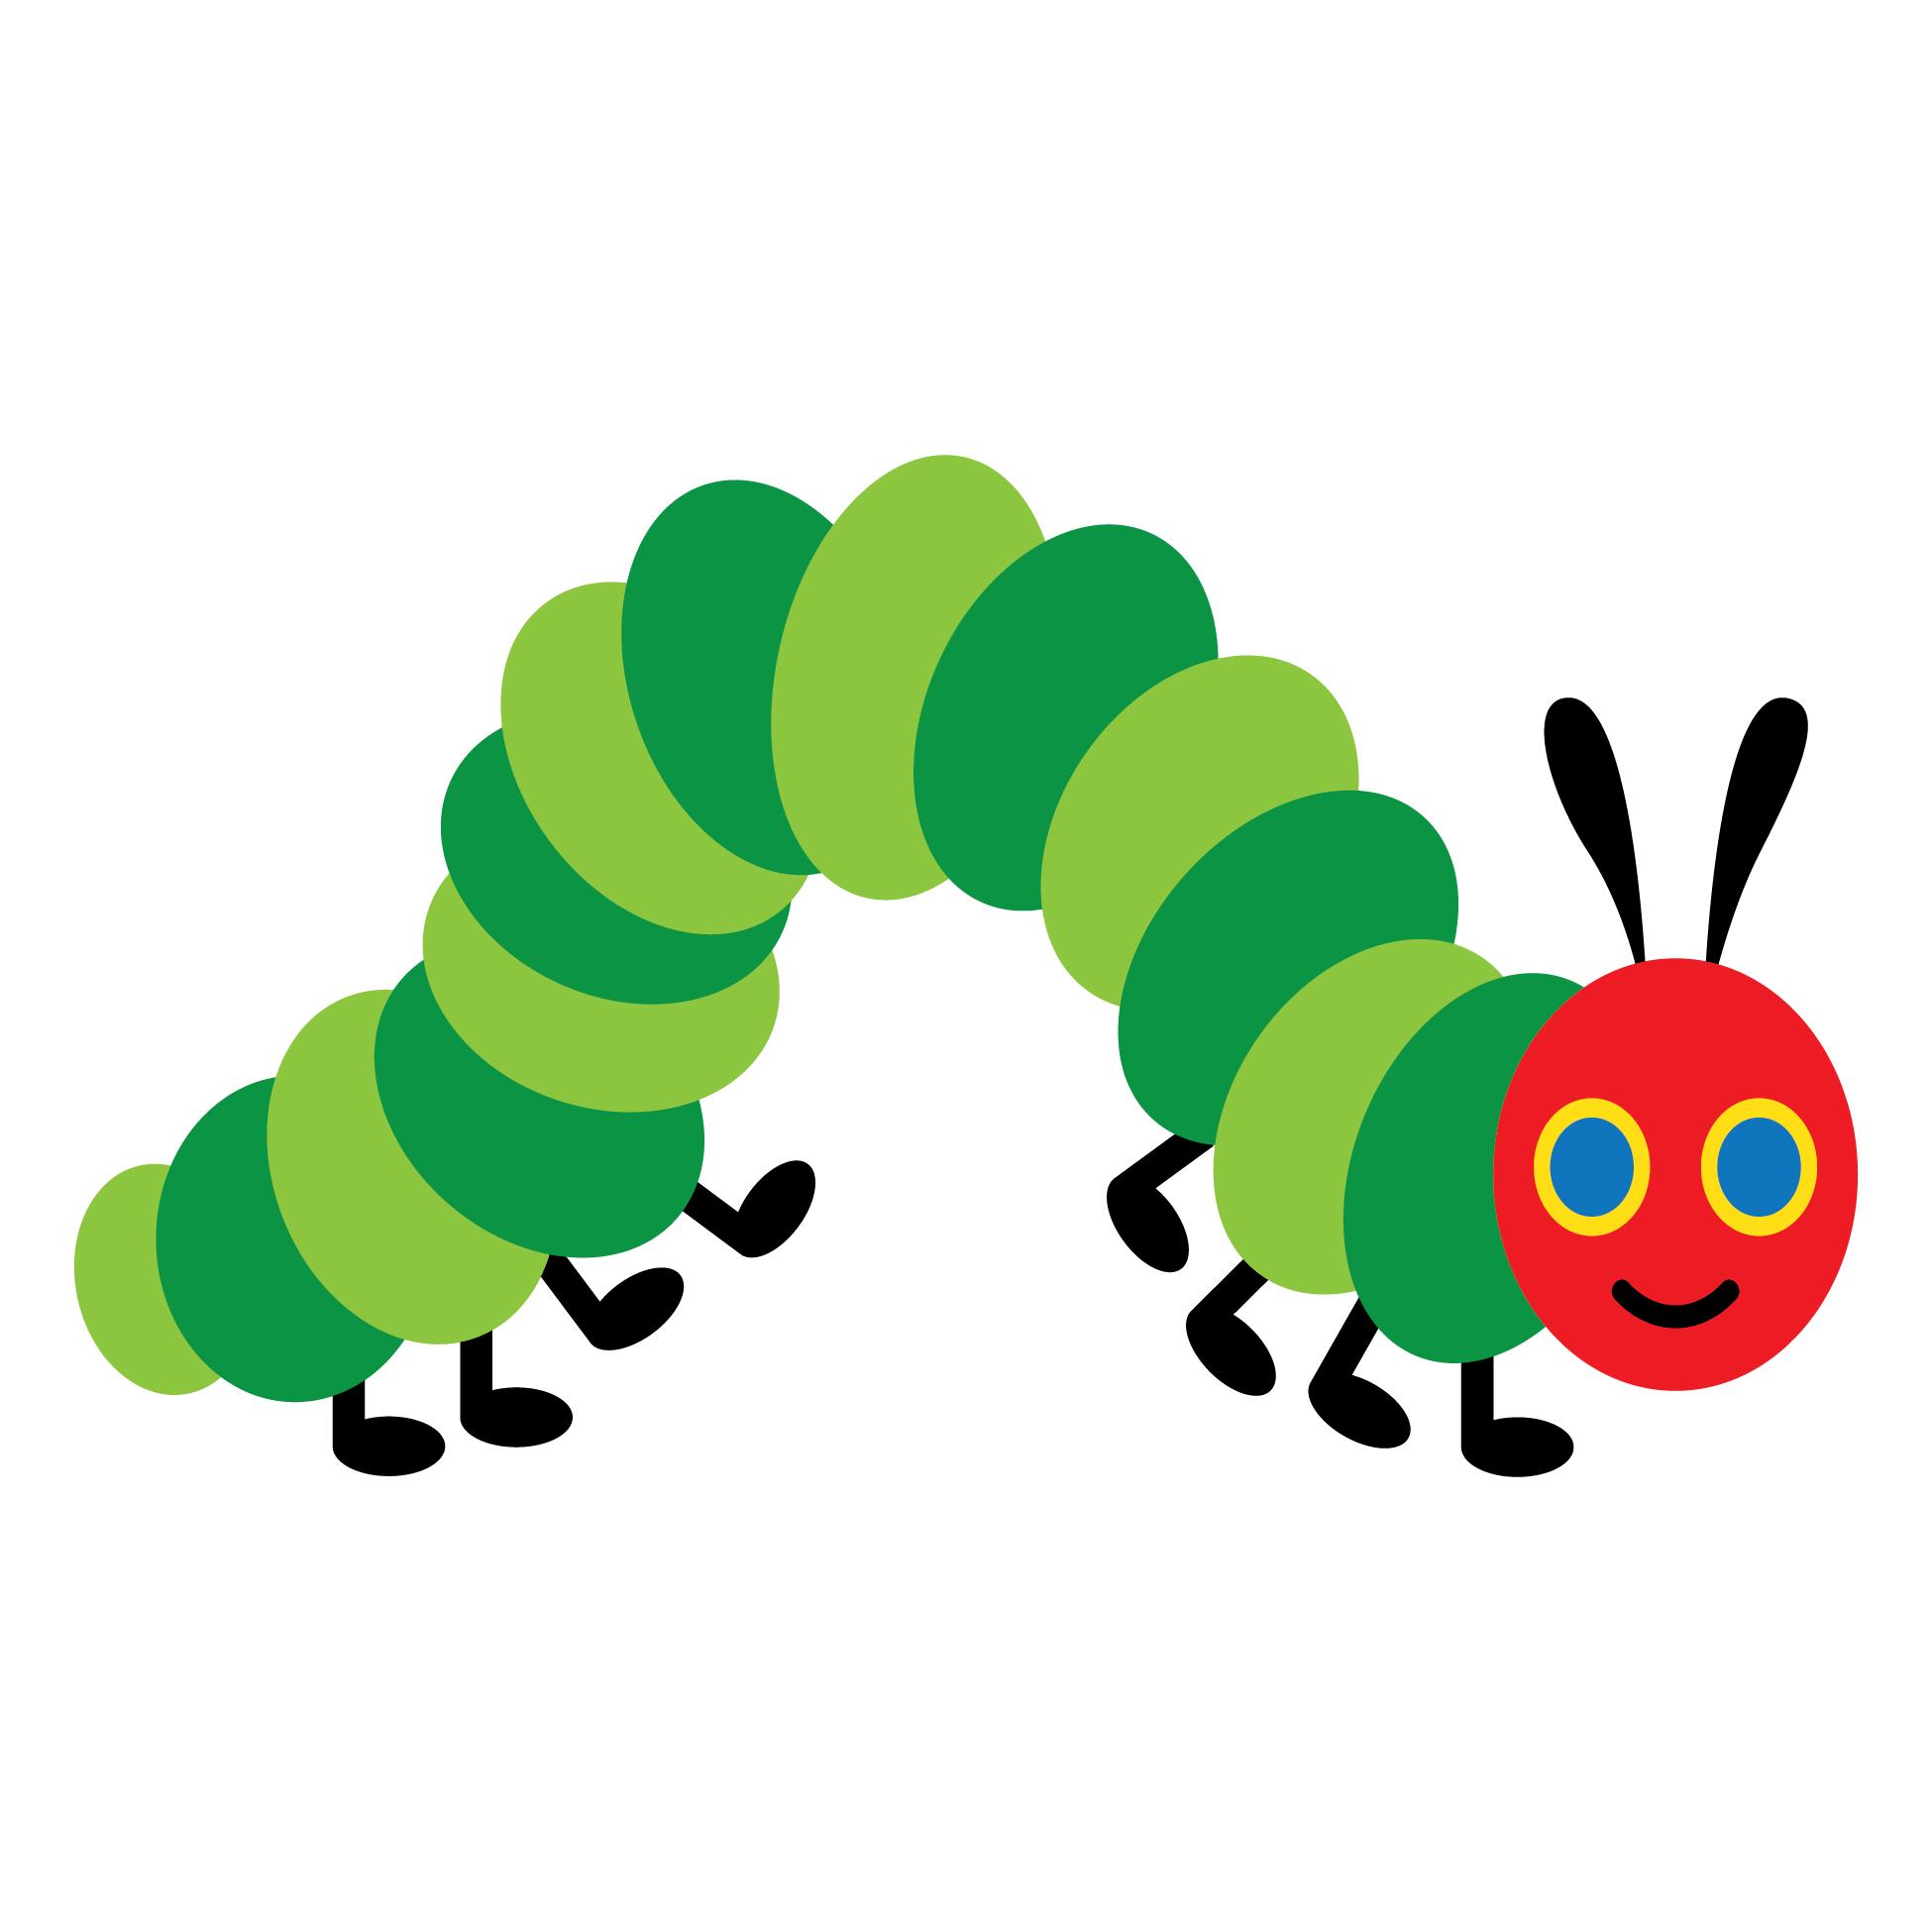 C a be b. Caterpillar clipart